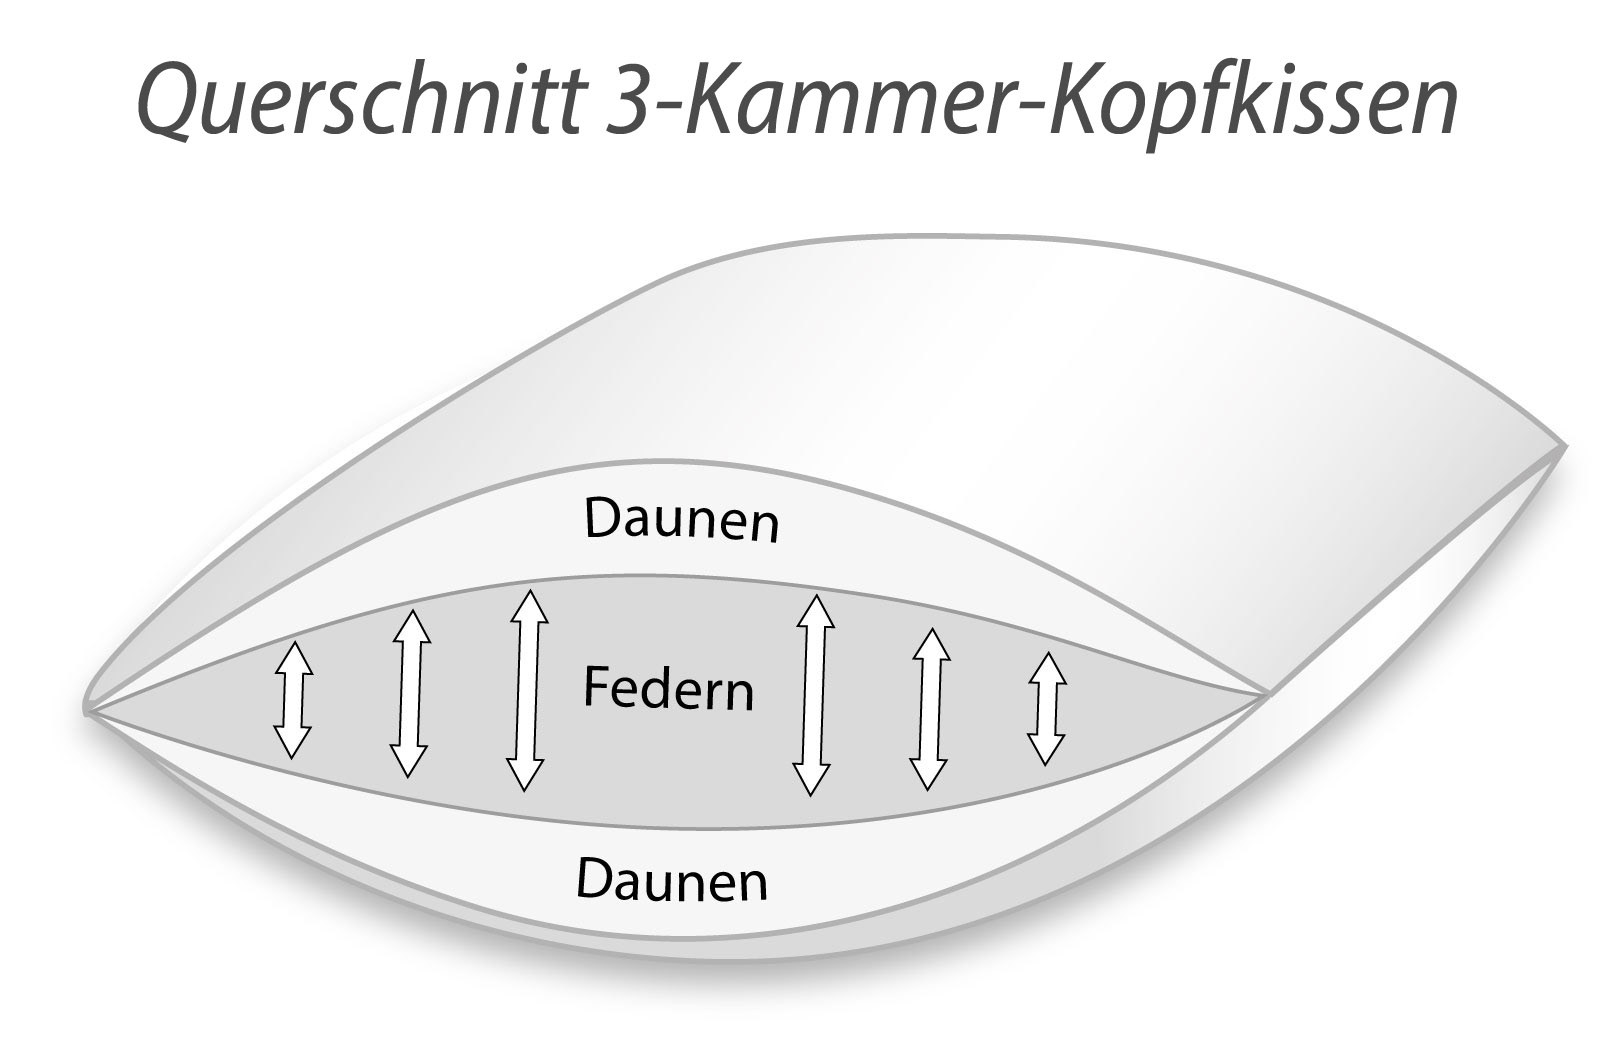 3-Kammer Kopfkissen Premium Kissen Daunen Federn Klasse 1  40x80 Carla – Bild 4